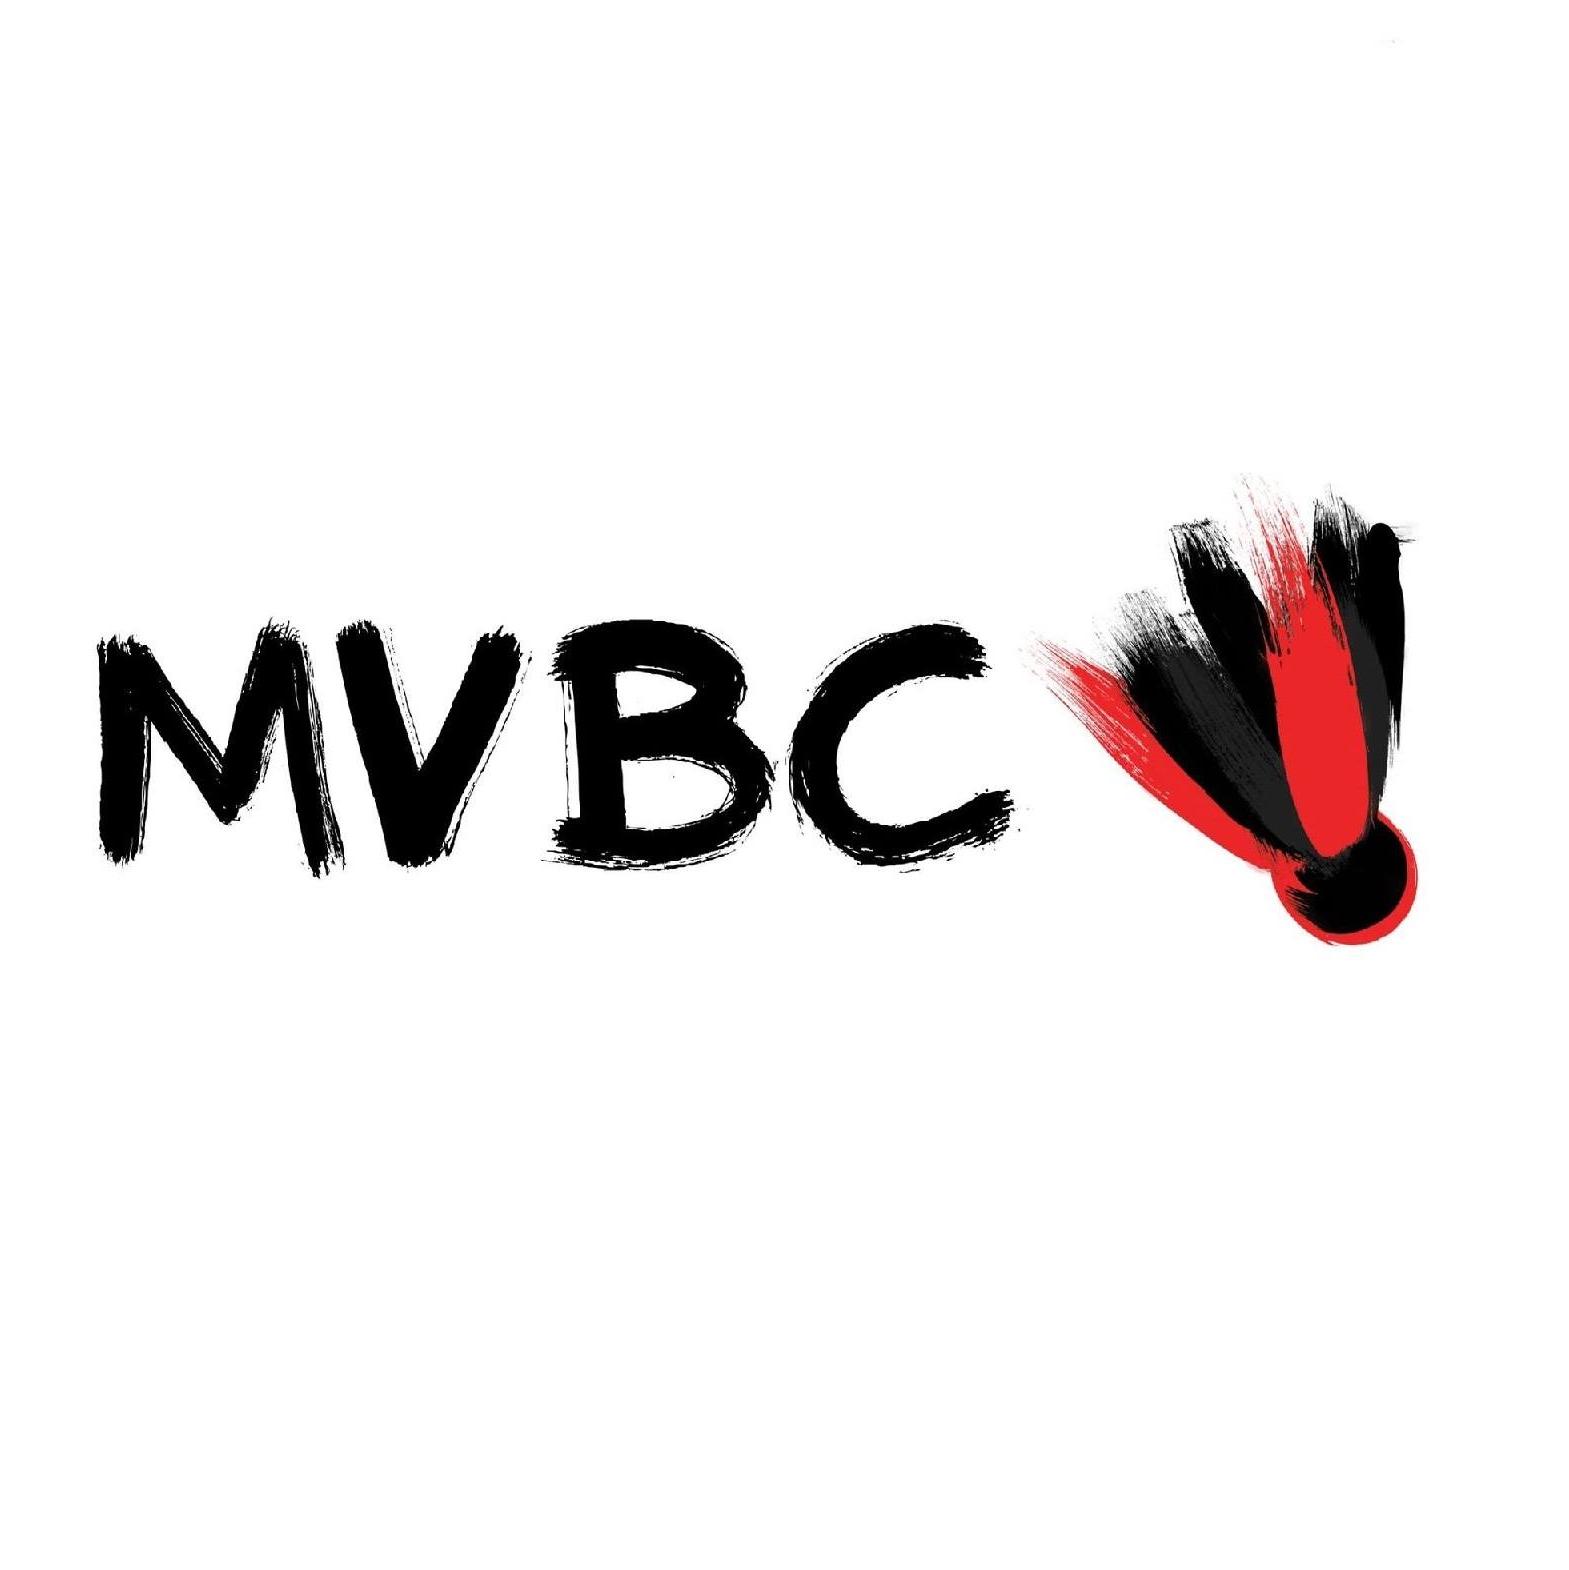 MVBC.jpg